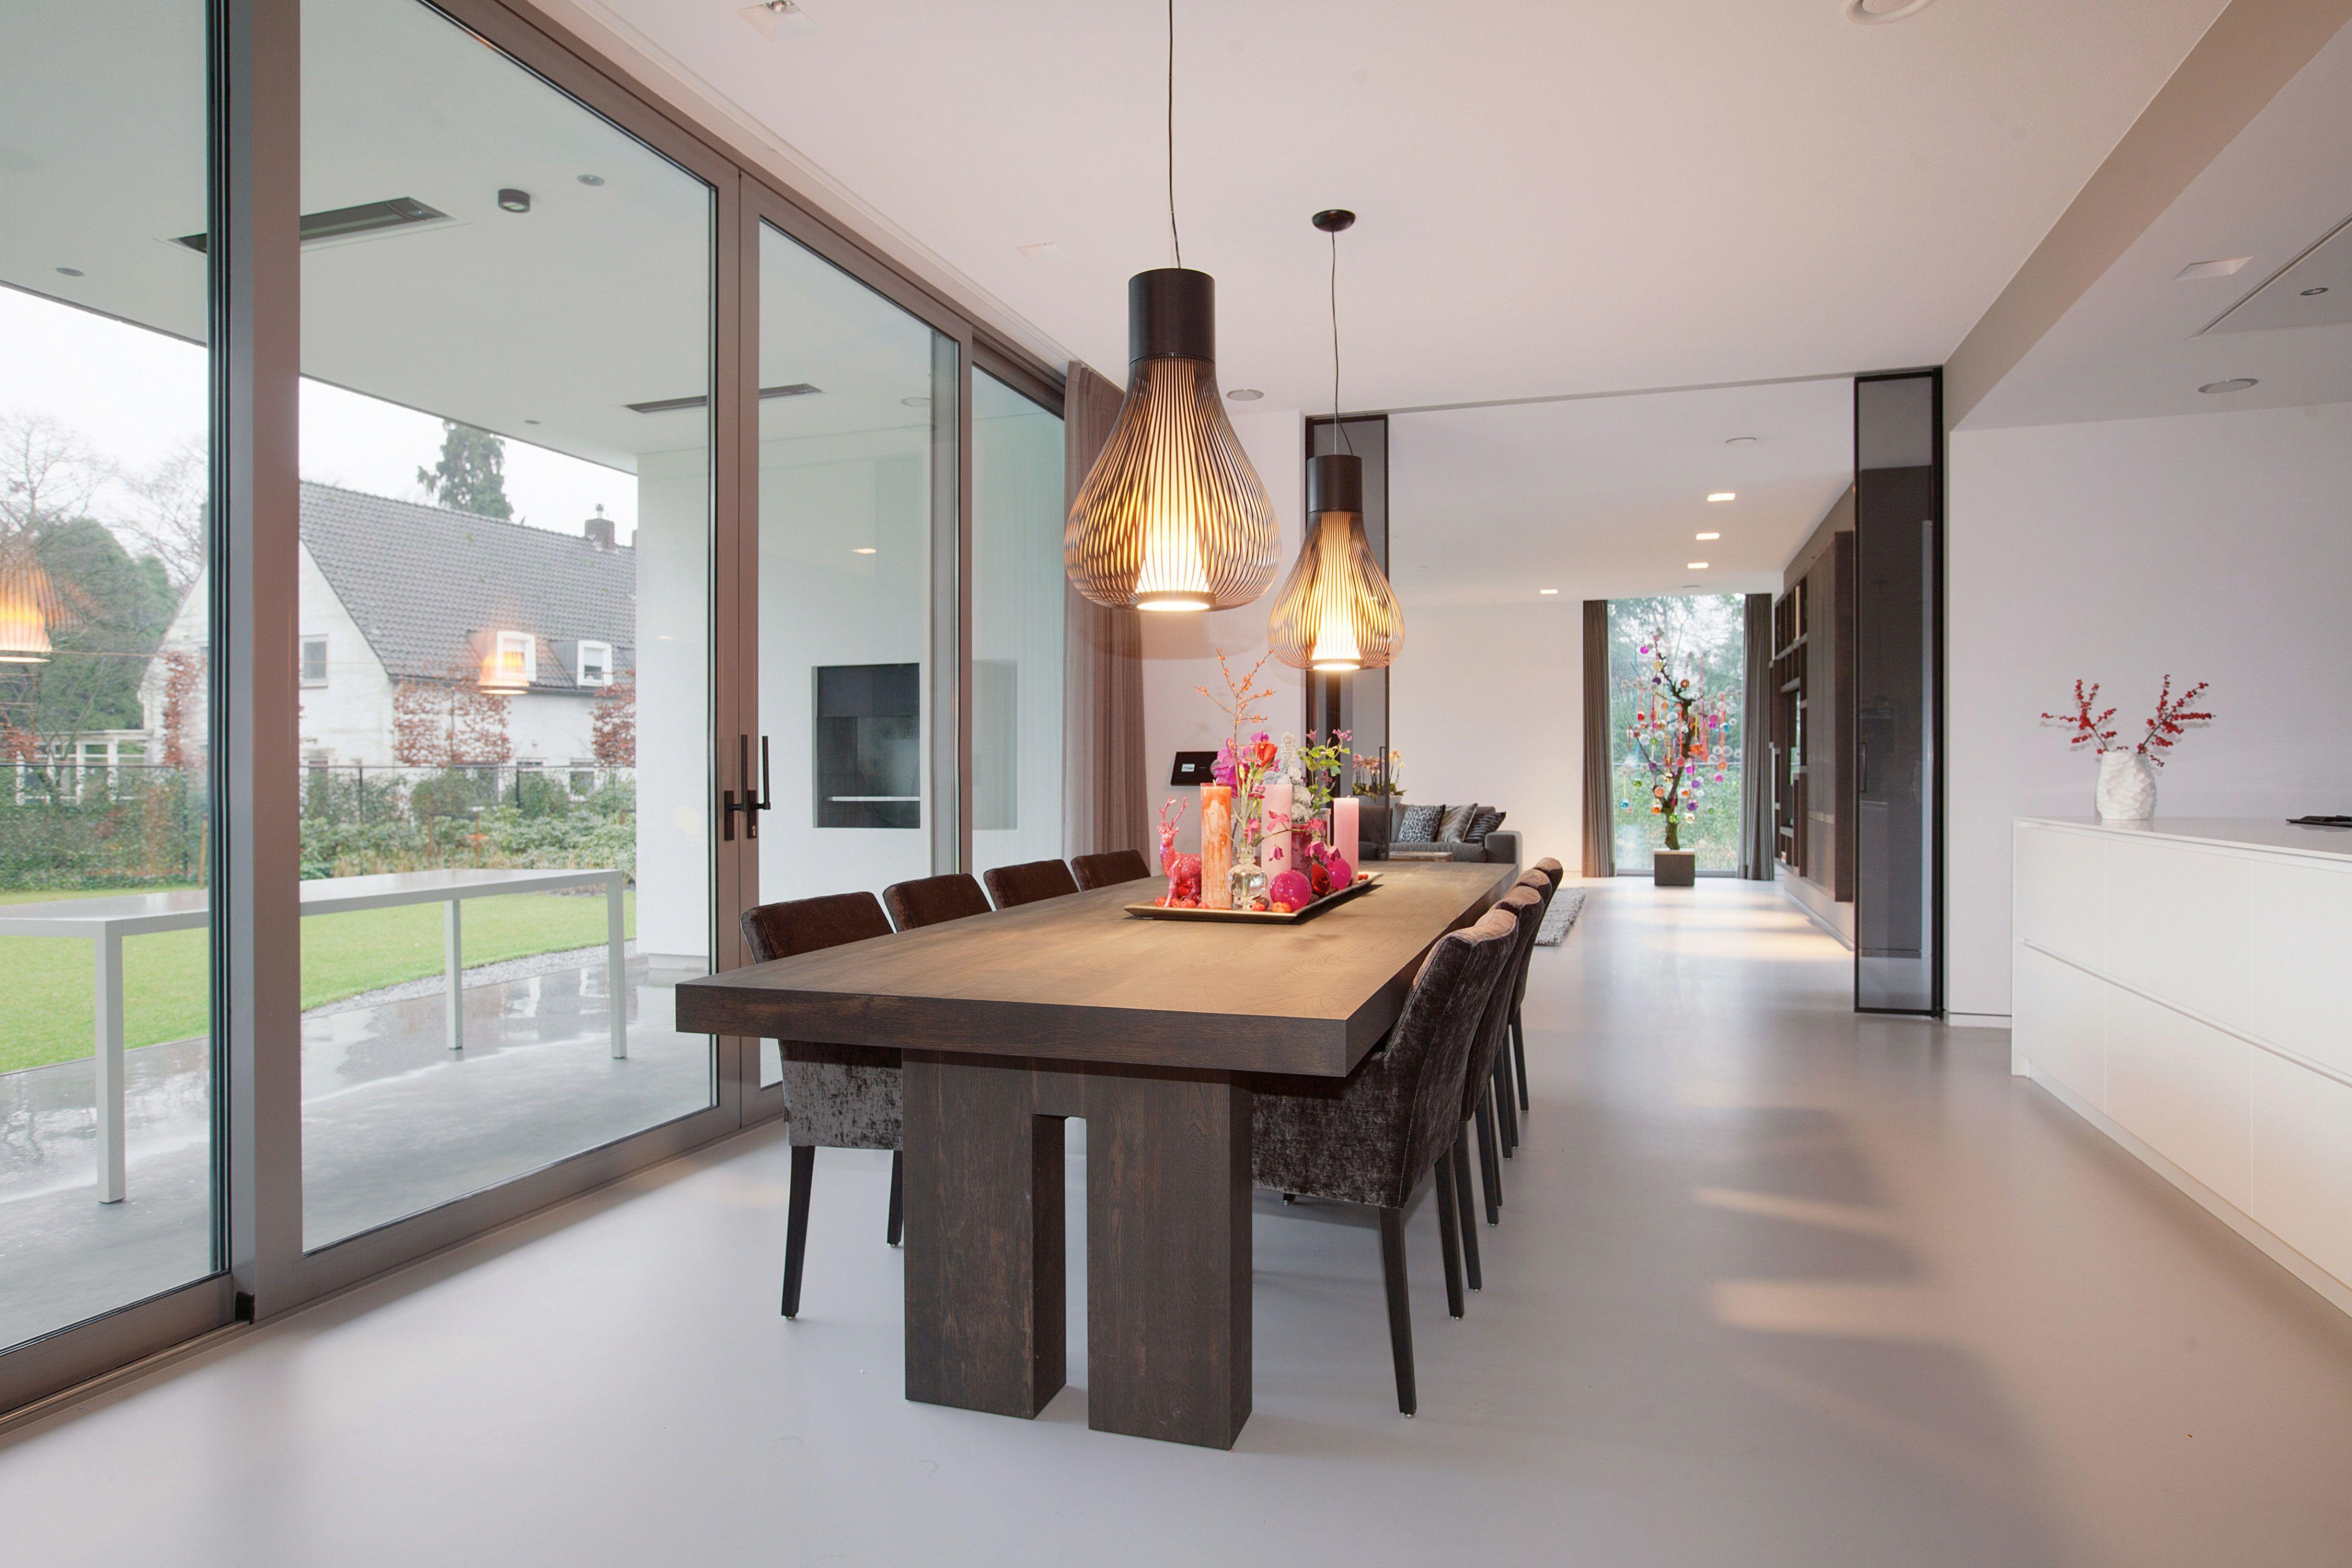 Design Keukens Gelderland : Keijser&co woonhuis gelderland huis pinterest keuken eetkamer